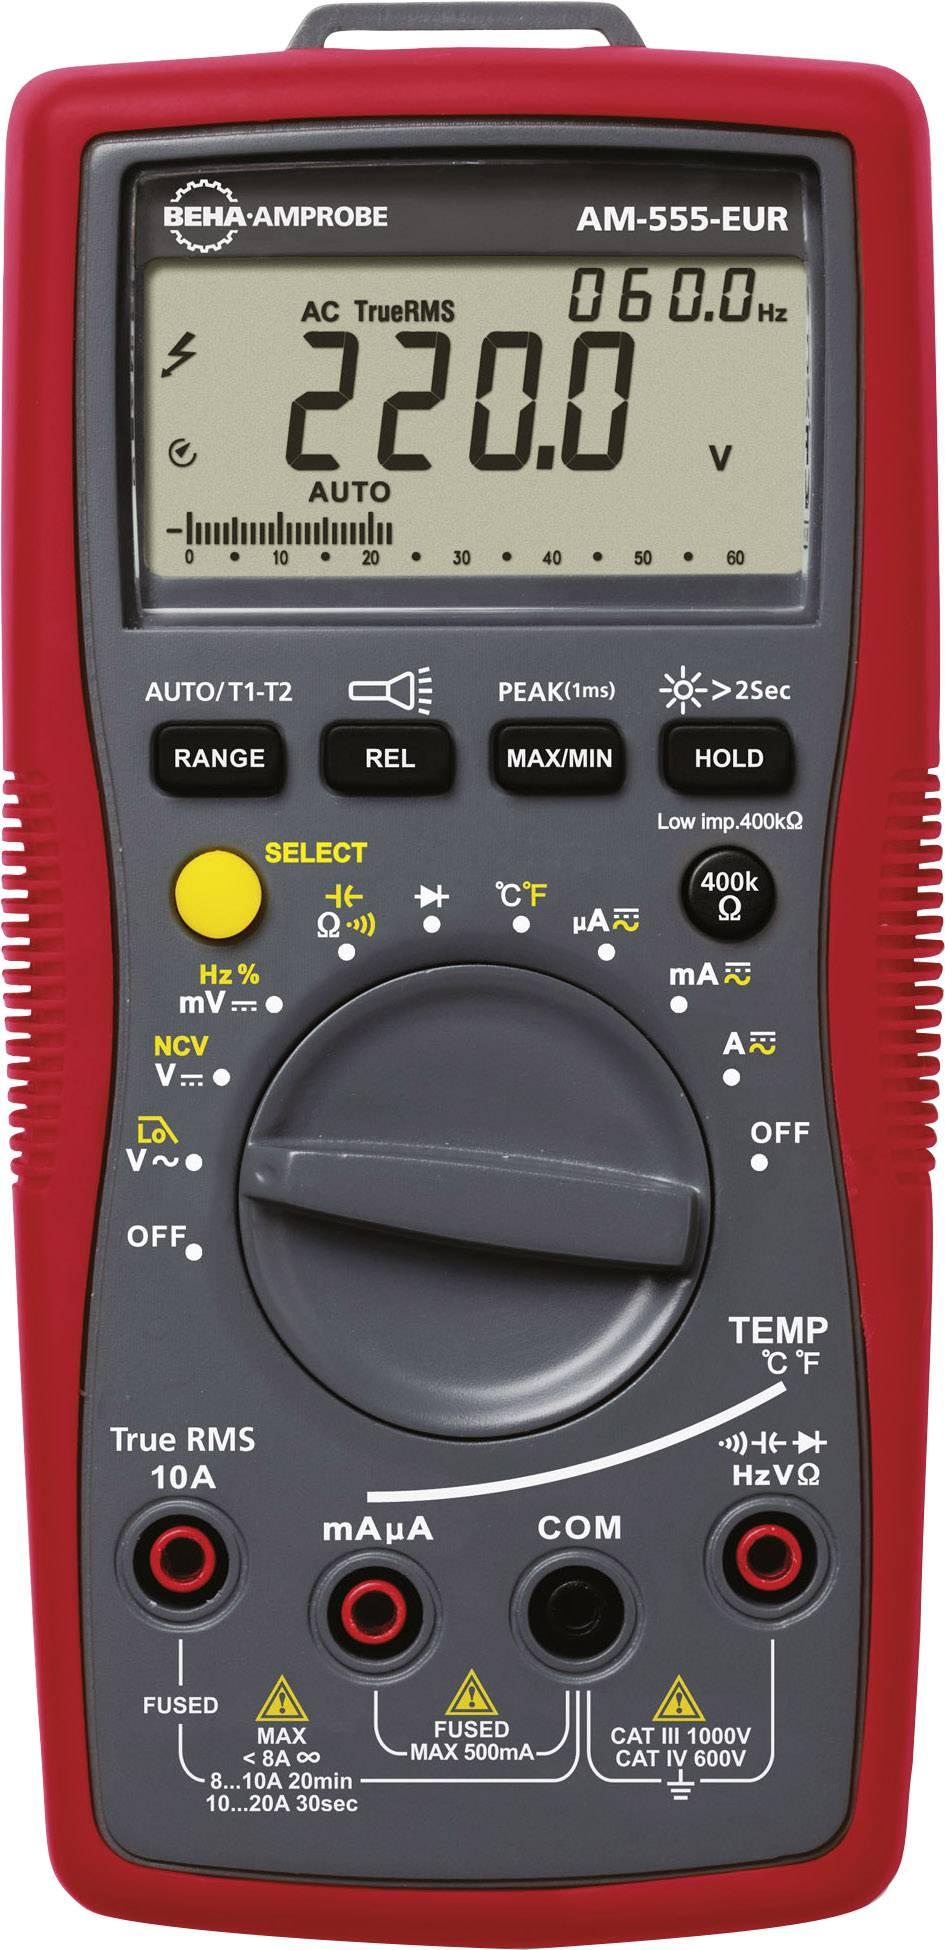 Digitální multimetr Beha Amprobe AM-555-EUR